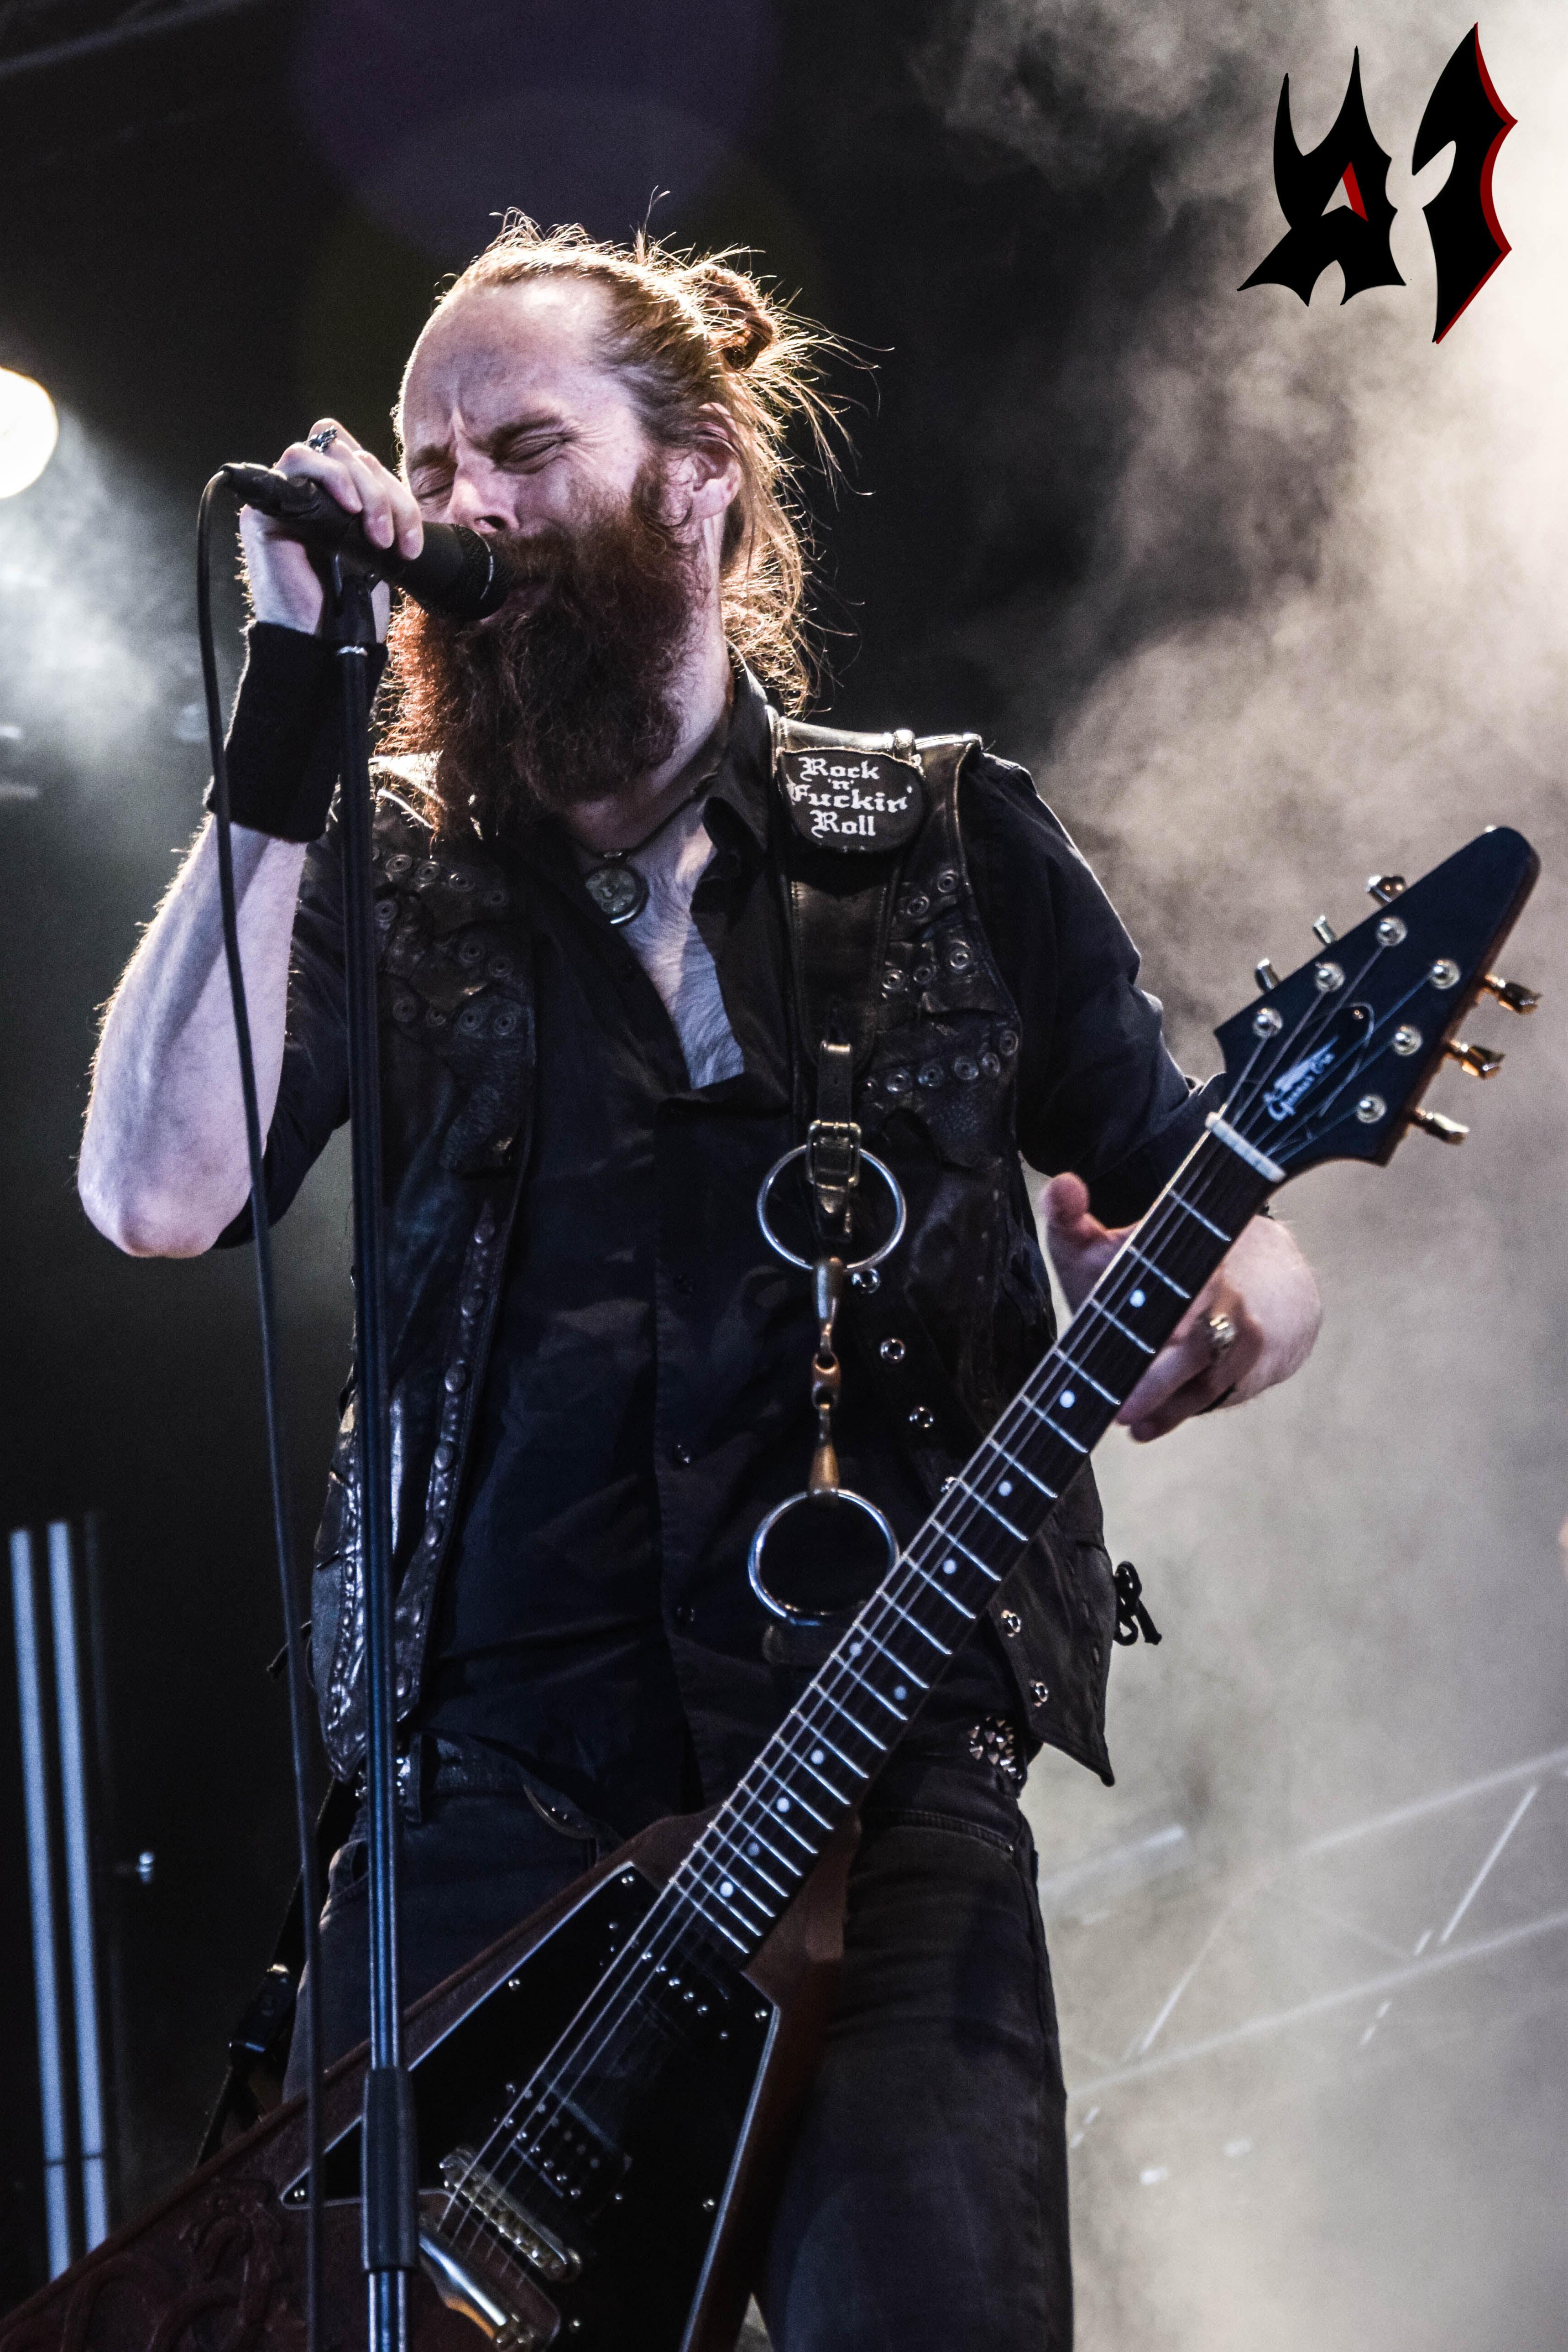 Hellfest - Day 1 - Solstafir 9